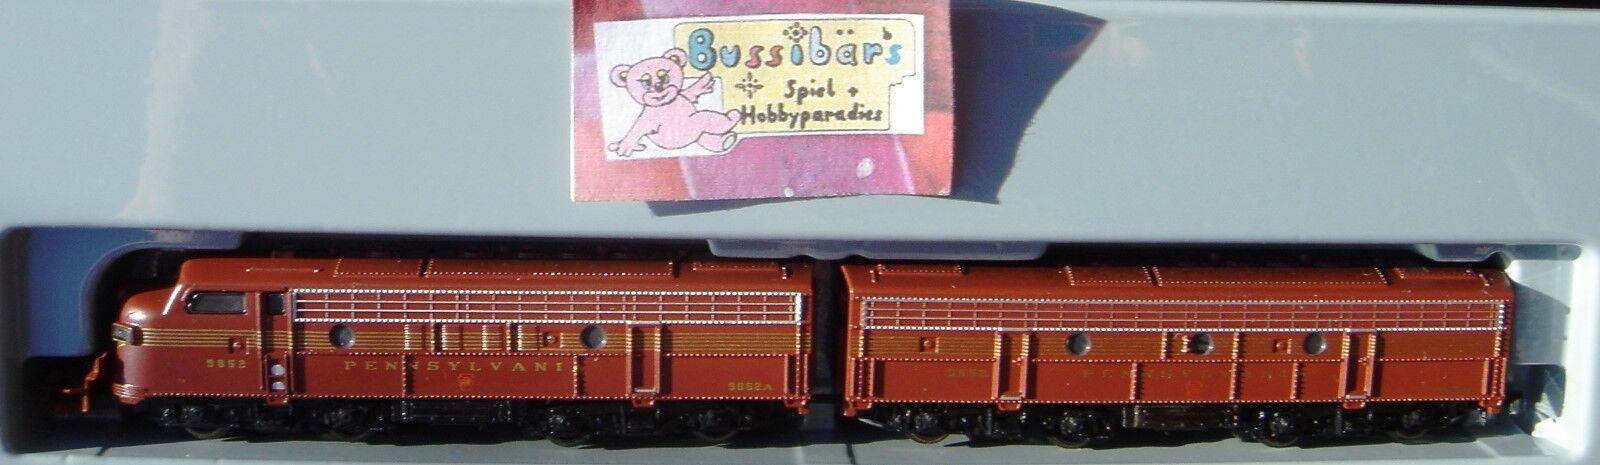 Z 88605 Diesel locomotiva elettrica come unità DOPPIO-NUOVO -